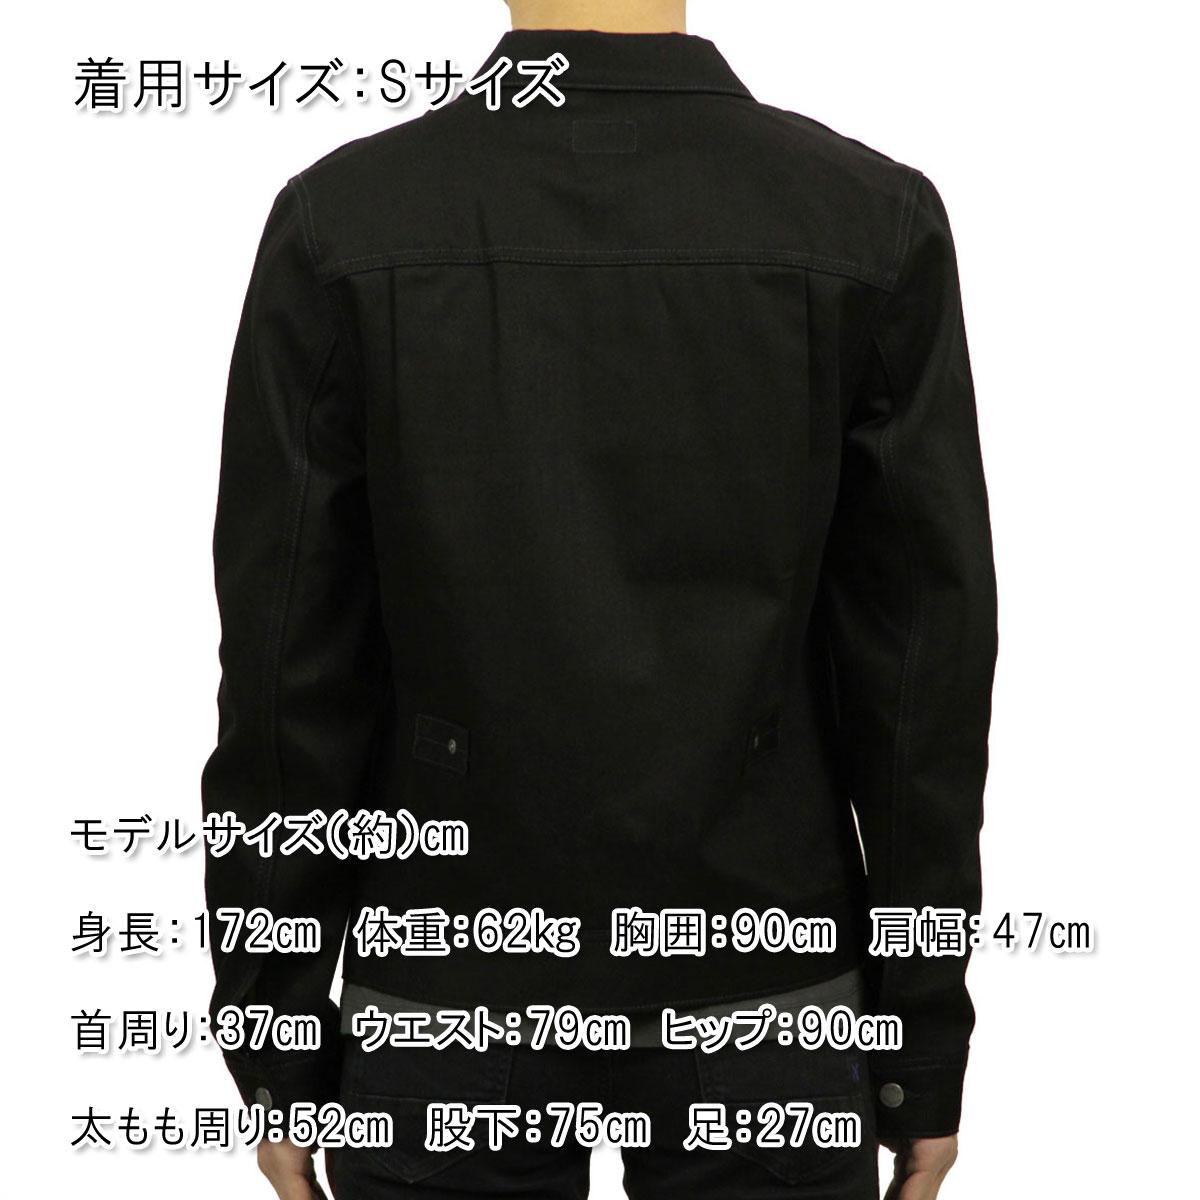 ヌーディージーンズ Nudie Jeans 正規販売店 メンズ アスタージャケット  Denim Jacket Sonny Black 160443